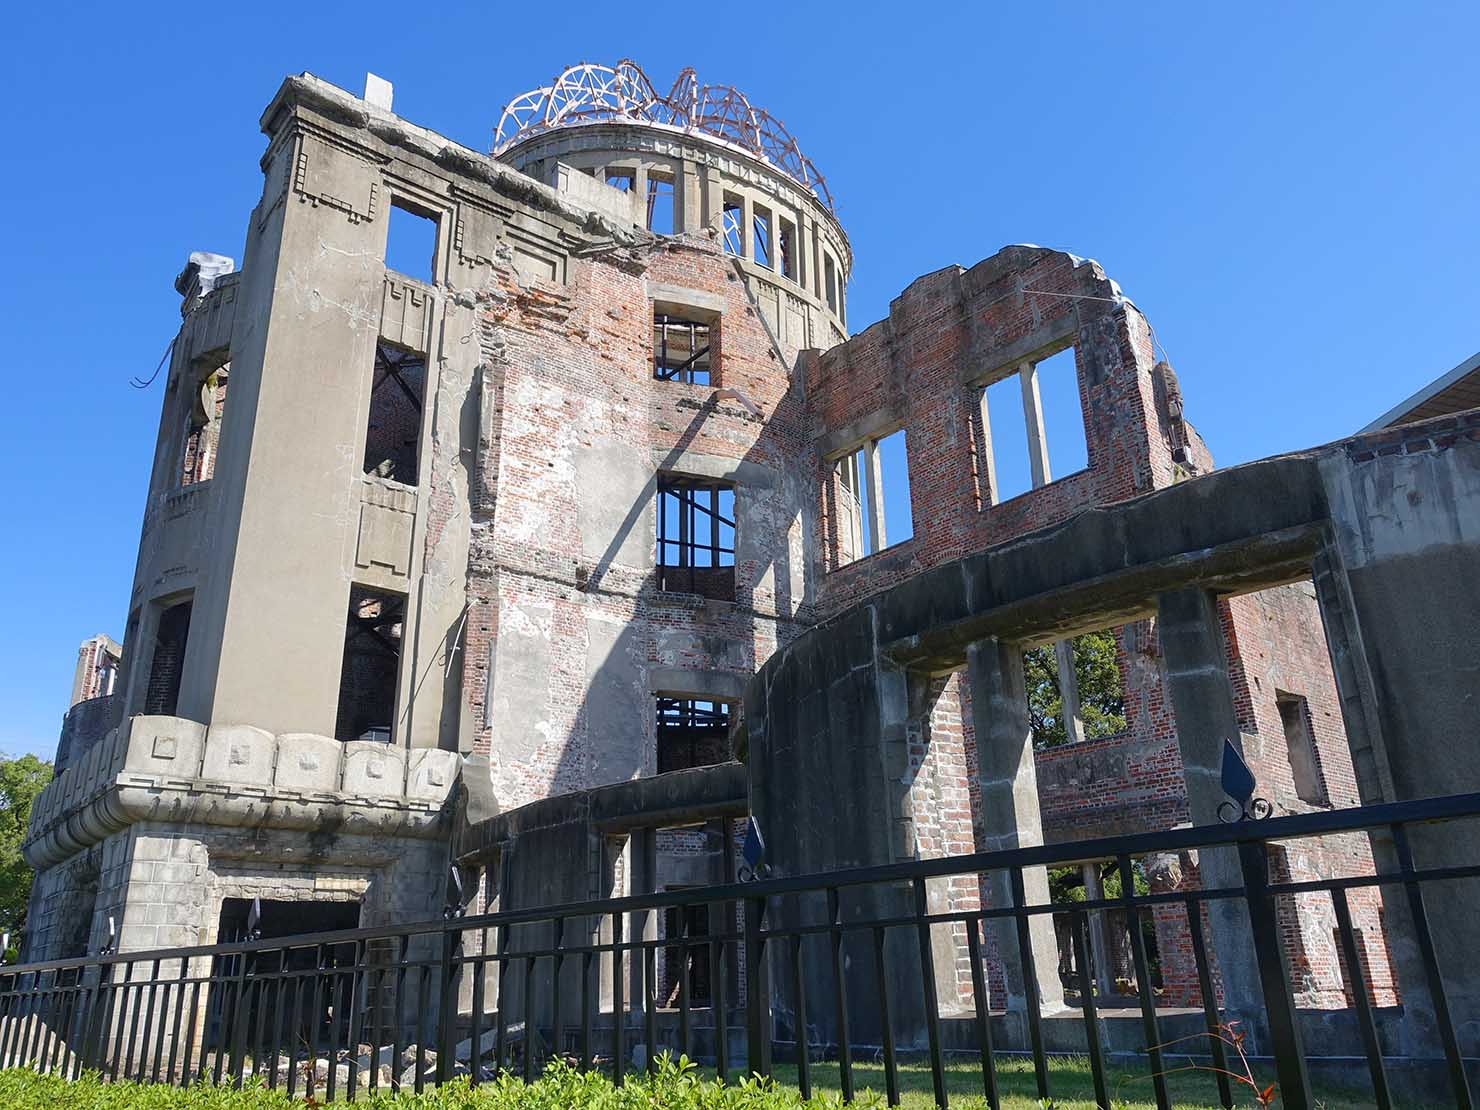 広島市内観光の見どころ「広島平和記念碑」